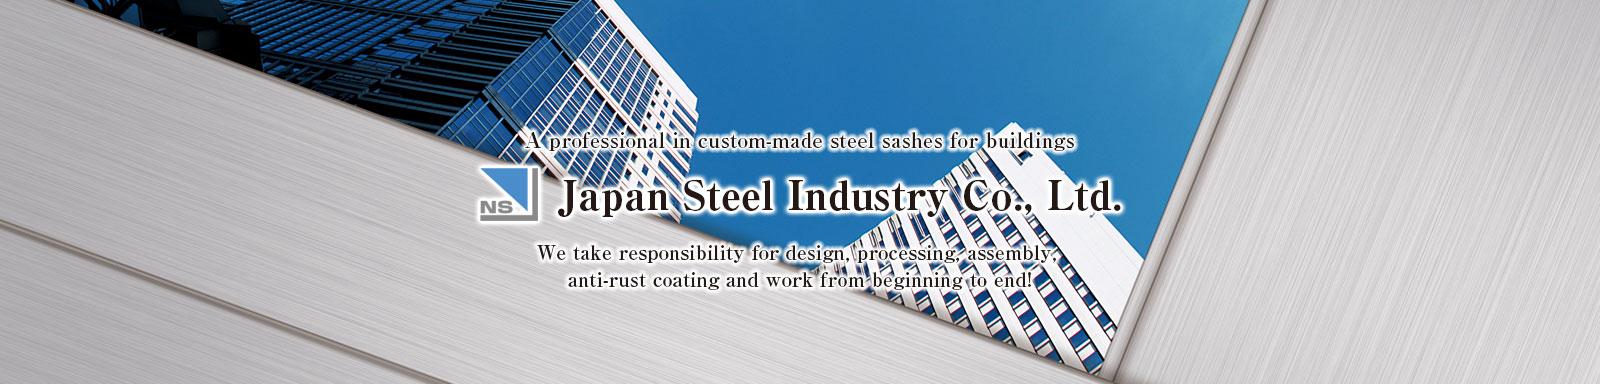 Japan Steel Industry Co., Ltd.